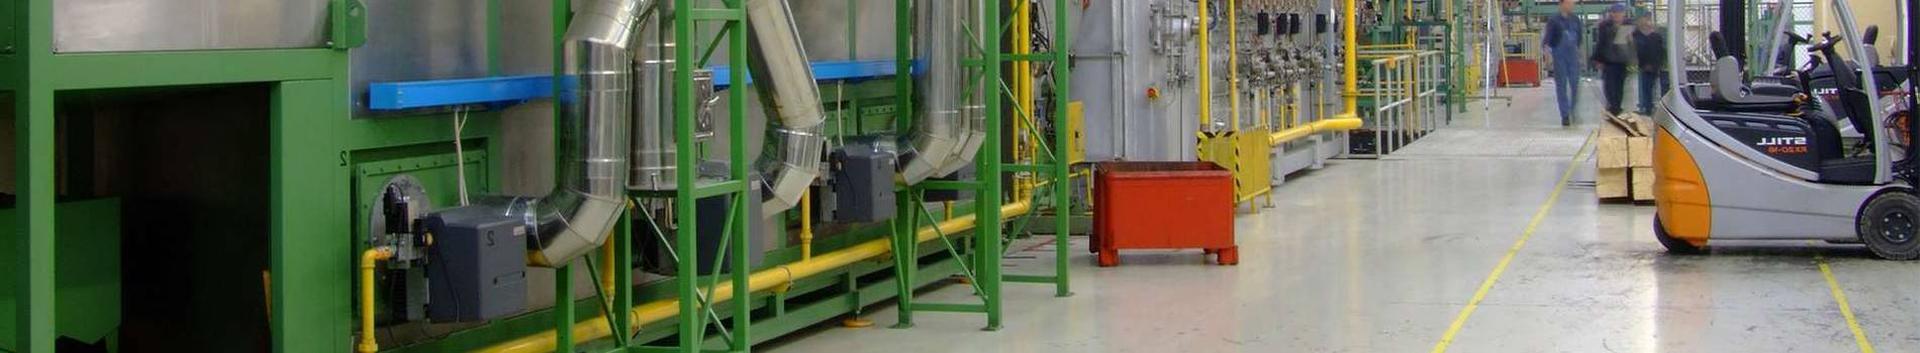 33201_toostuslike-masinate-paigaldus_13713787_xl.jpg